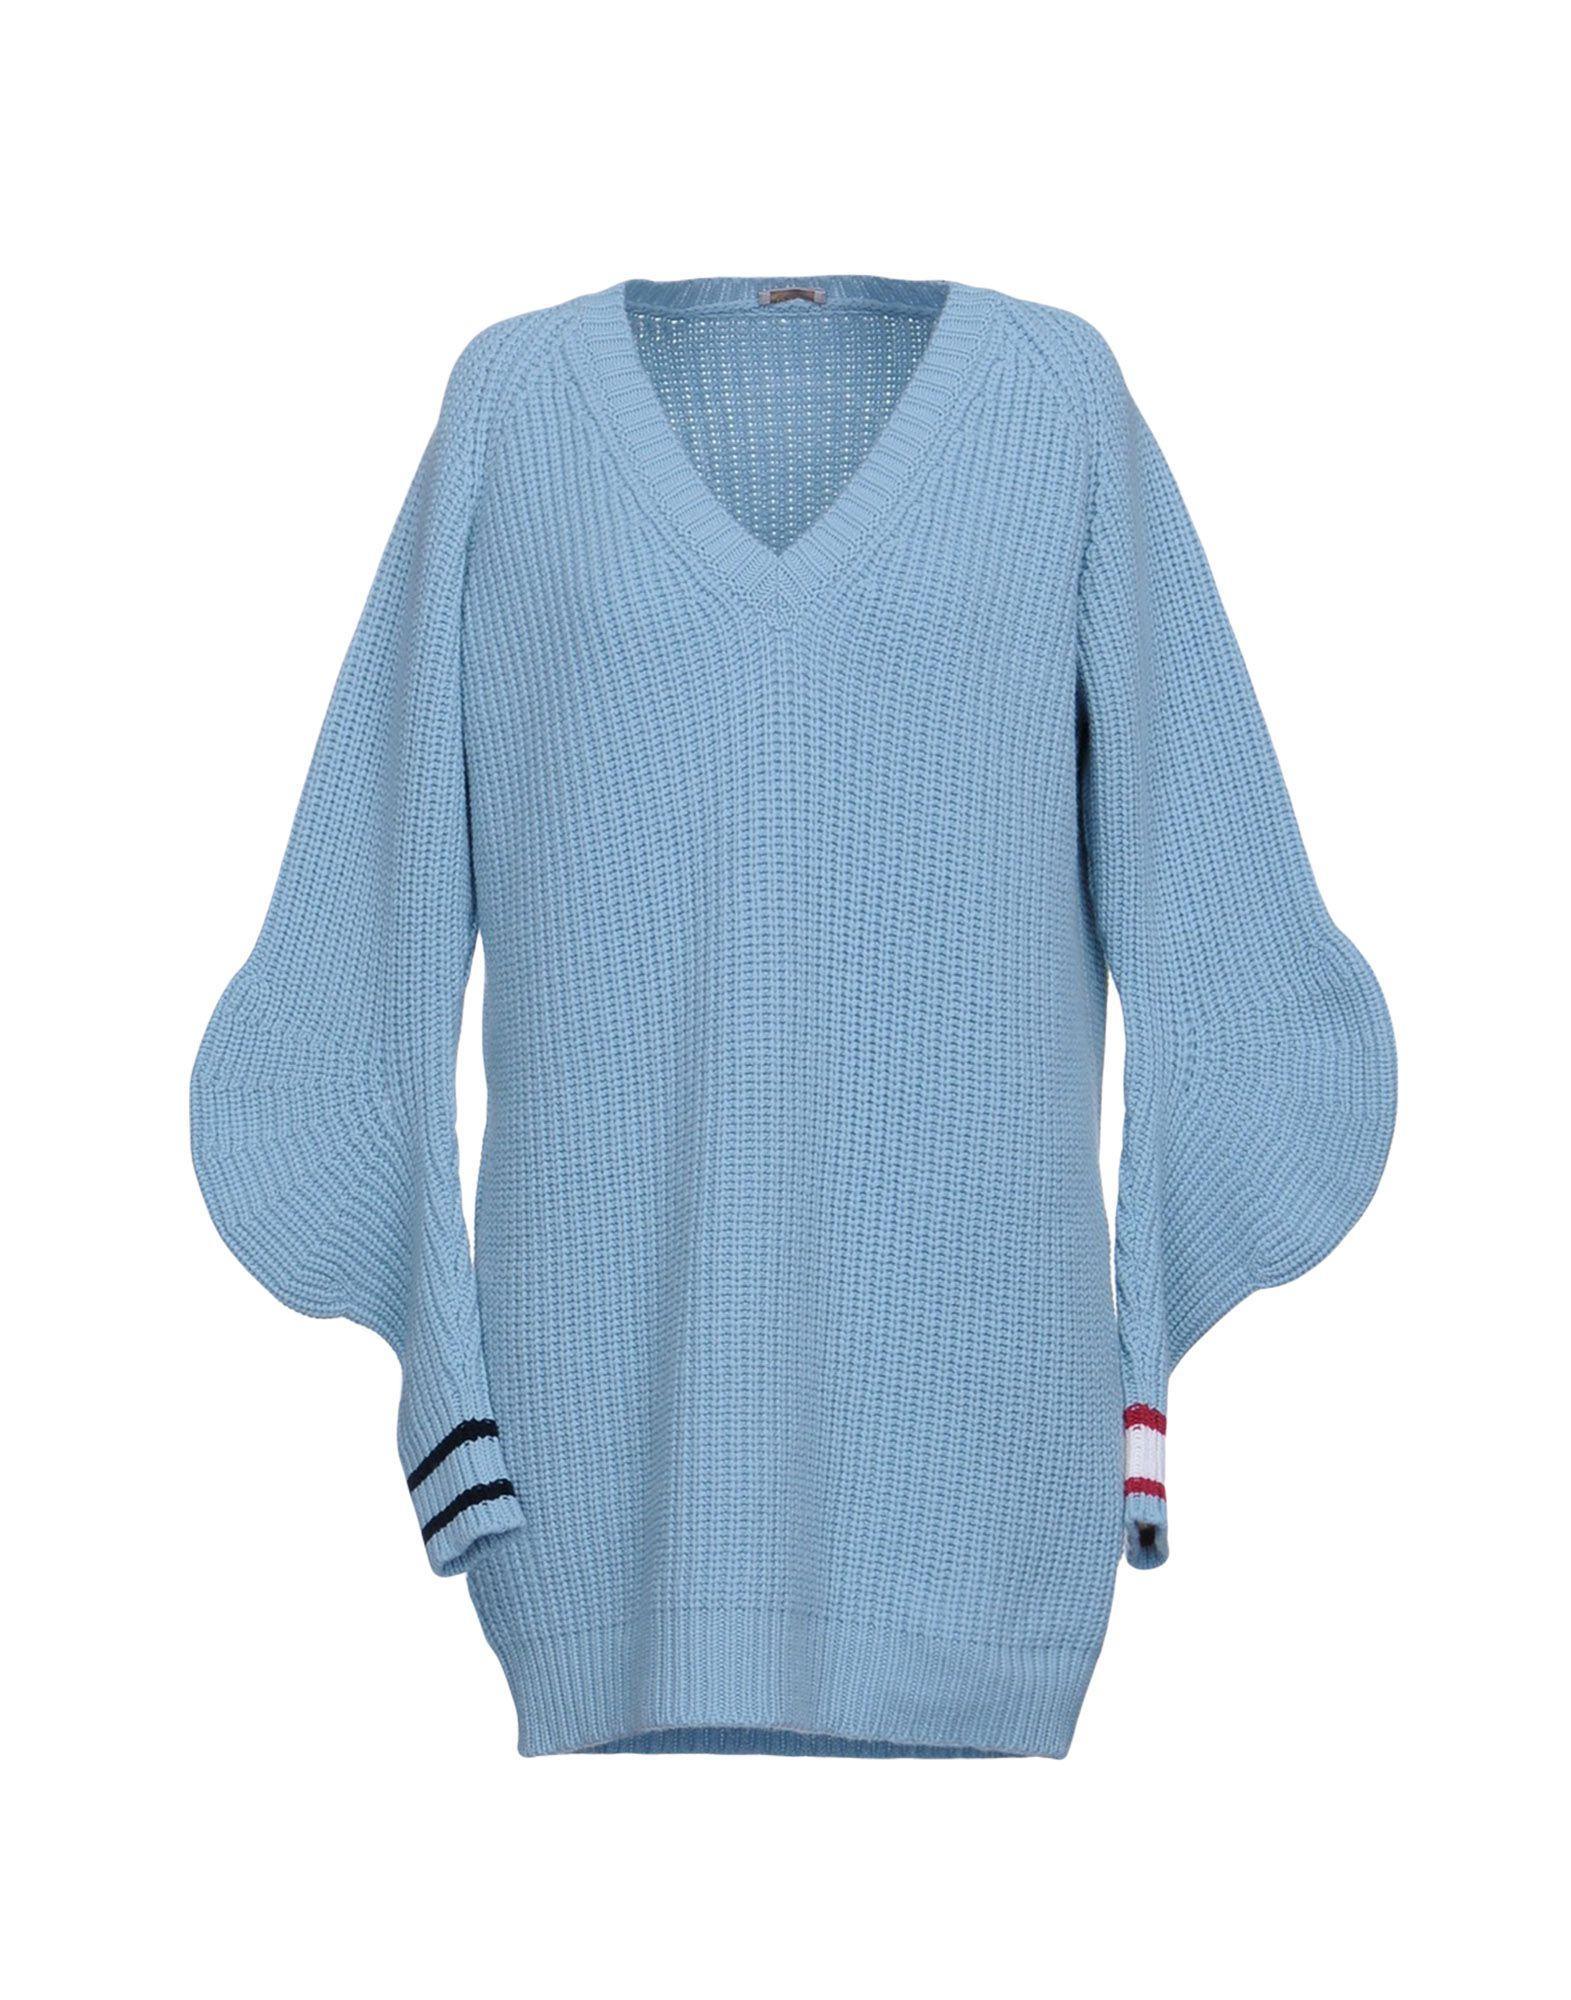 Mrz Sweater In Sky Blue